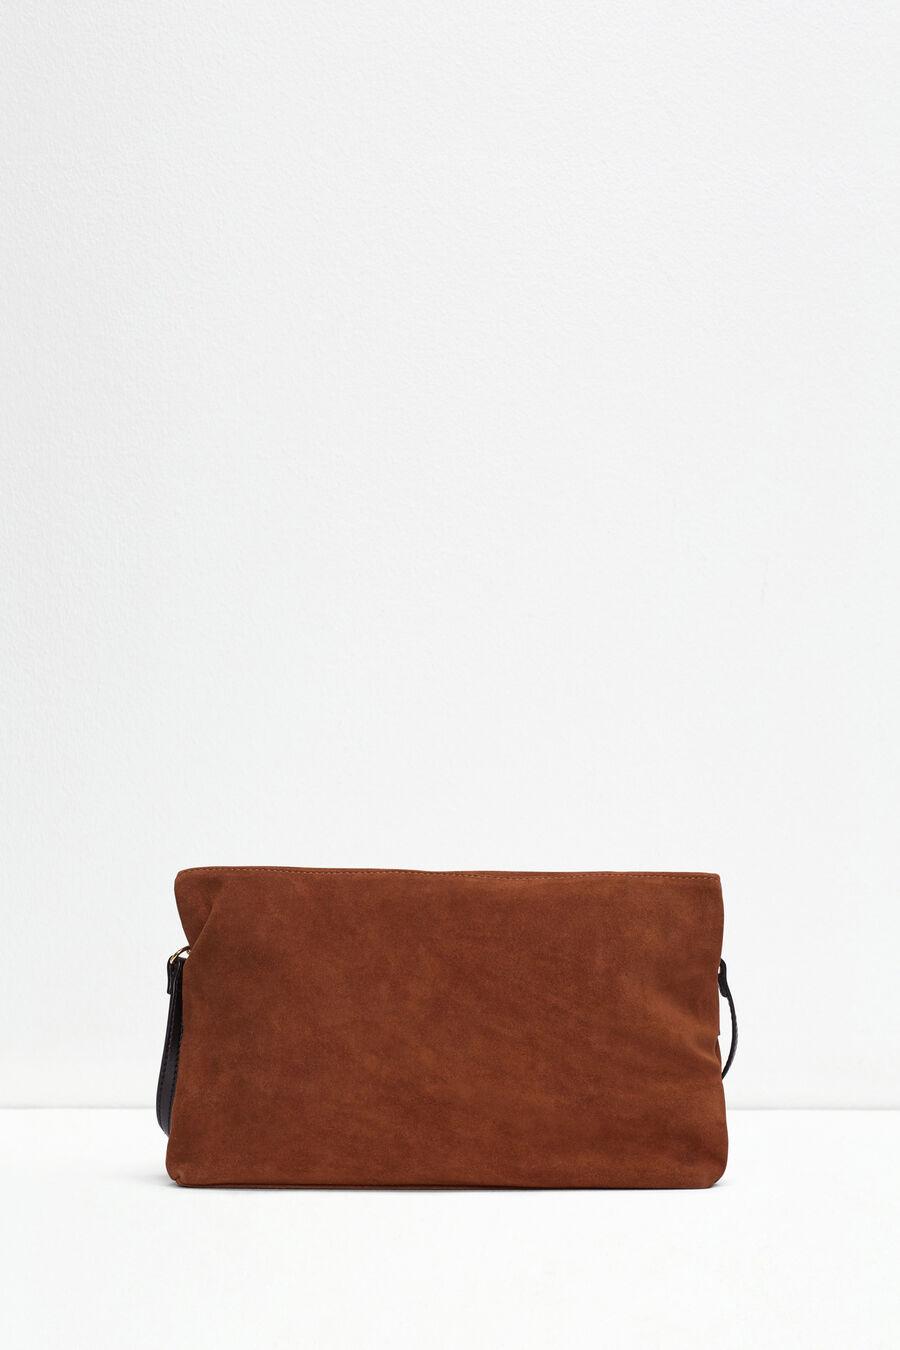 Suede purse